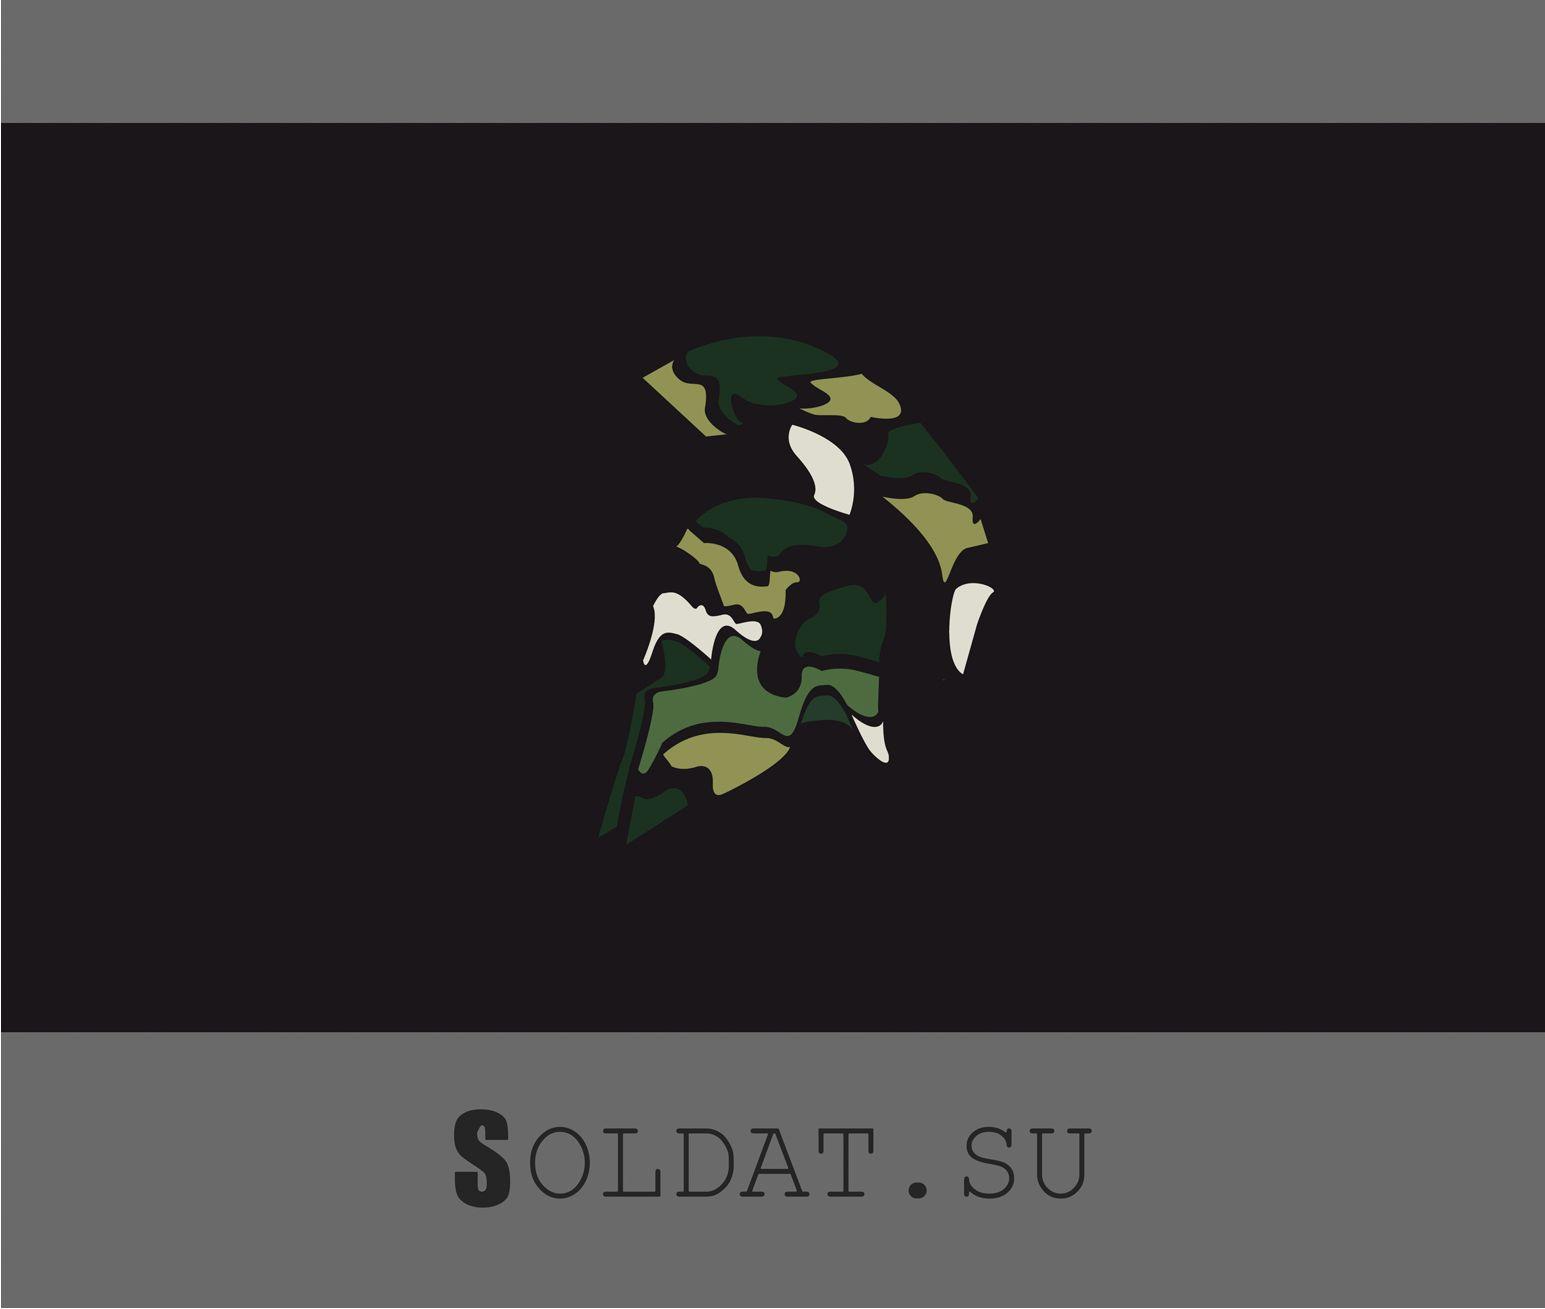 Лого и фирменный стиль для SOLDAT.SU - дизайнер mr_remarque